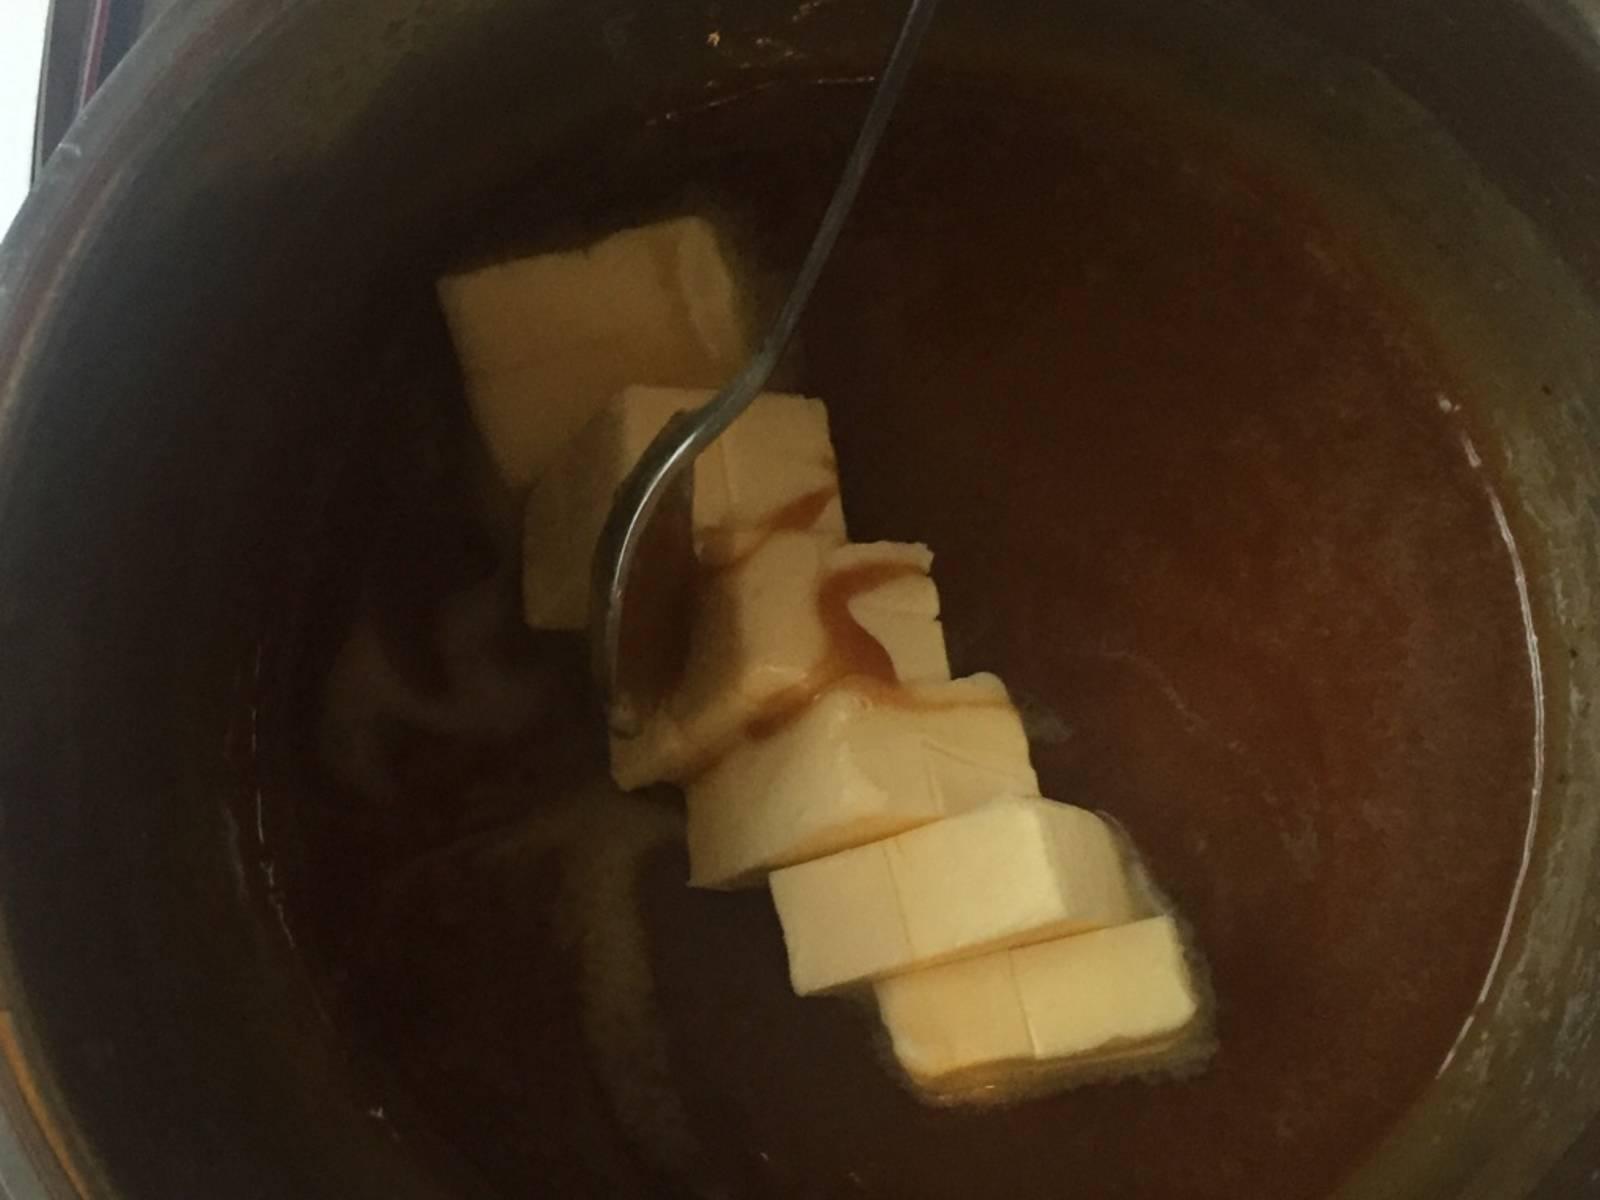 Sobald eine homogene Masse entstanden ist, mit dem Zuckerthermometer prüfen und bei 108°C den Topf vom Herd nehmen. Nun die zerkleinerte, gesalzene Butter hinzugeben und zu einer glatten Creme rühren.